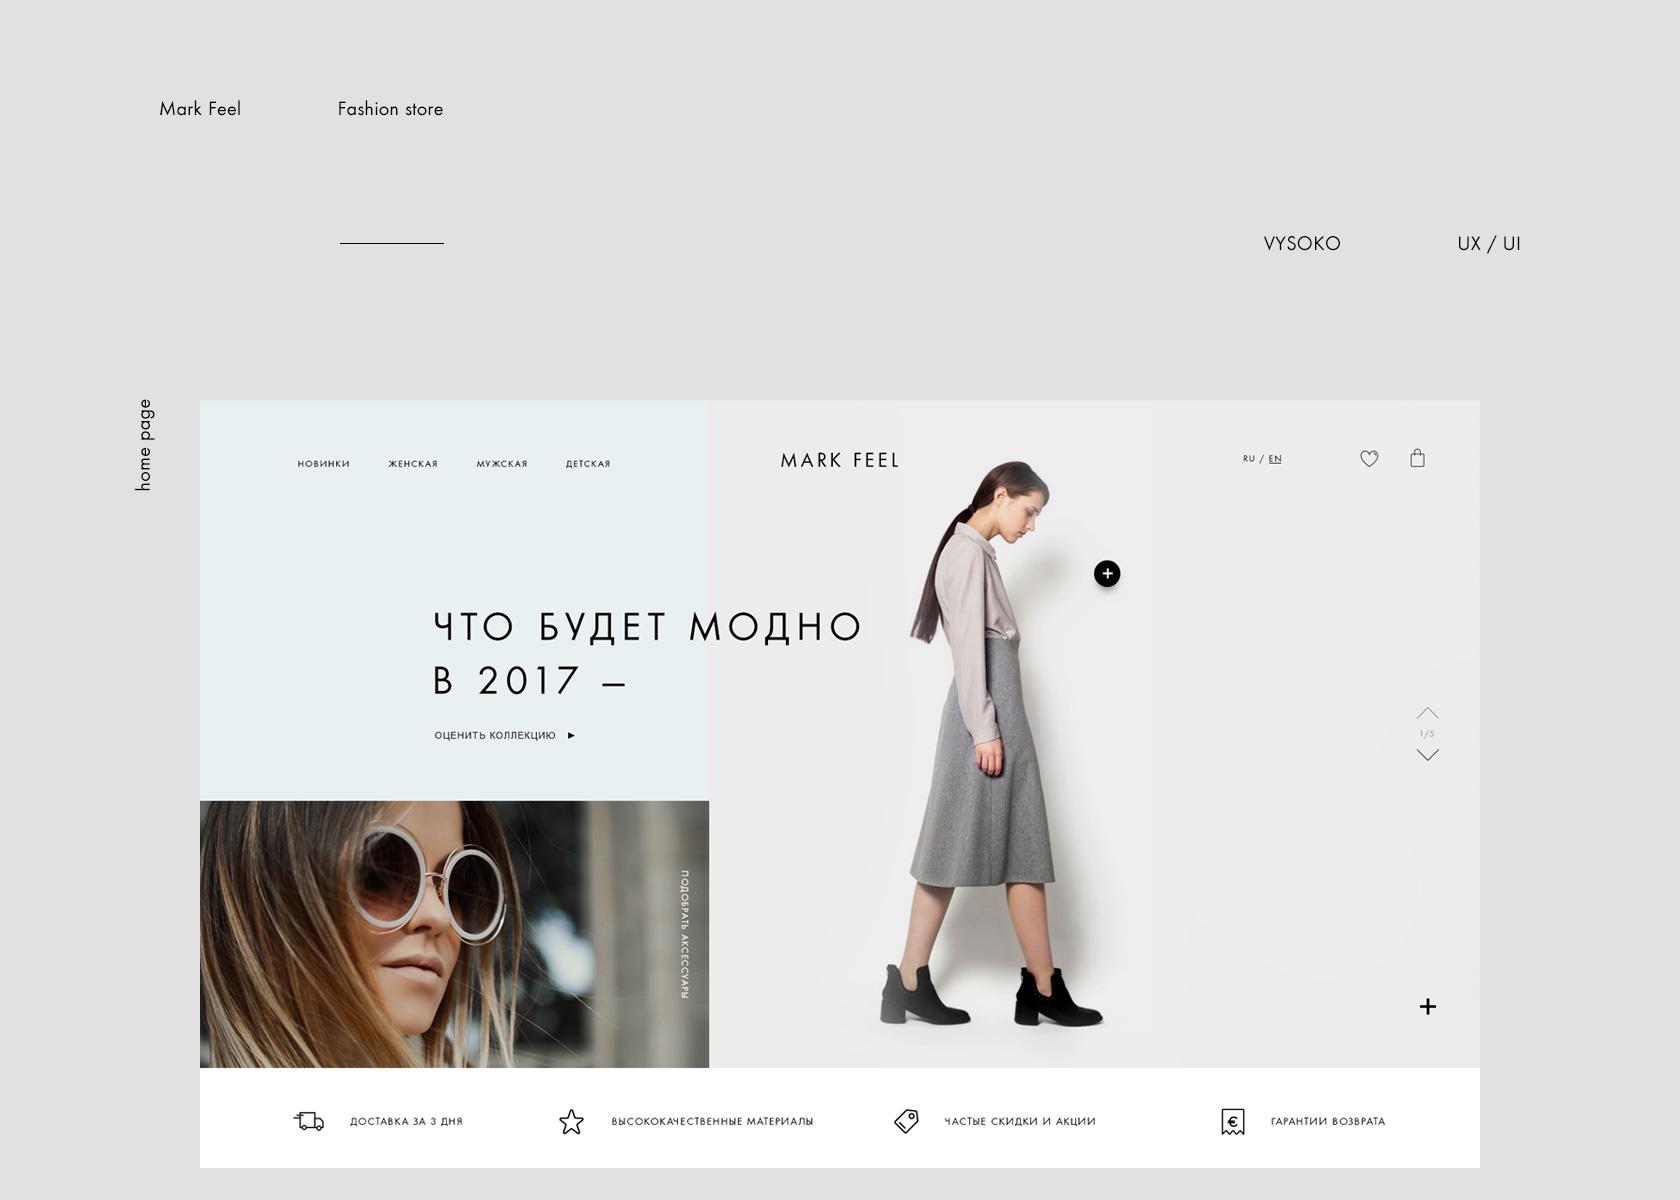 4db77b069d3 Интернет магазин стильной одежды Mark Feel